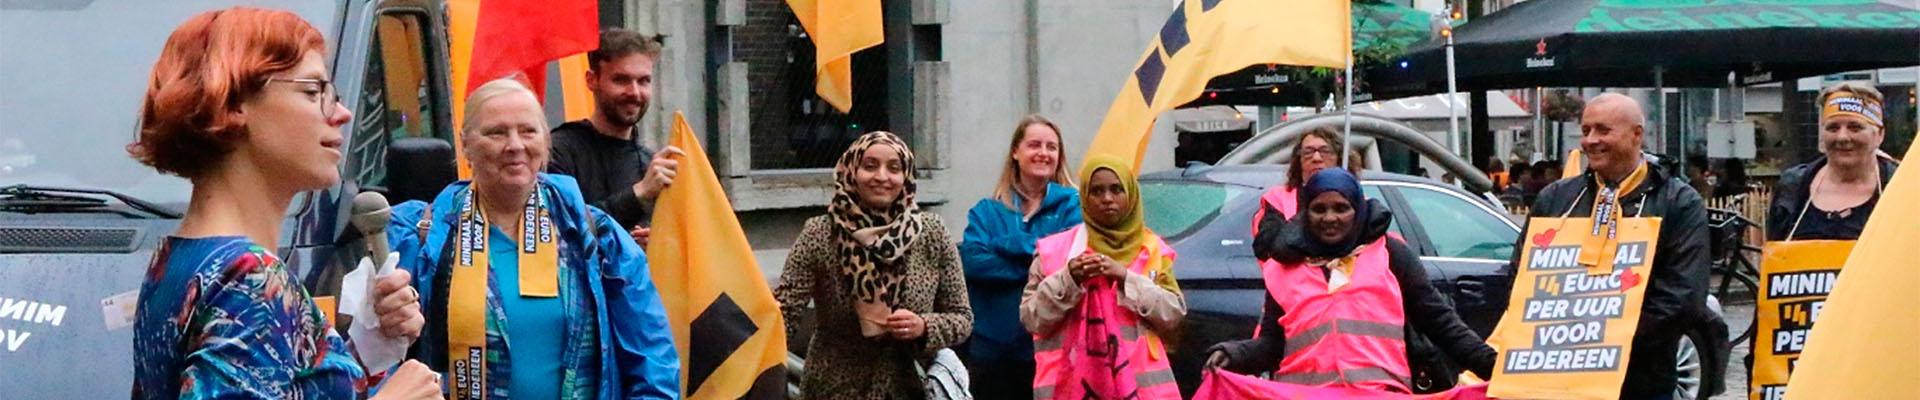 Demonstratie Voor 14 Utrecht